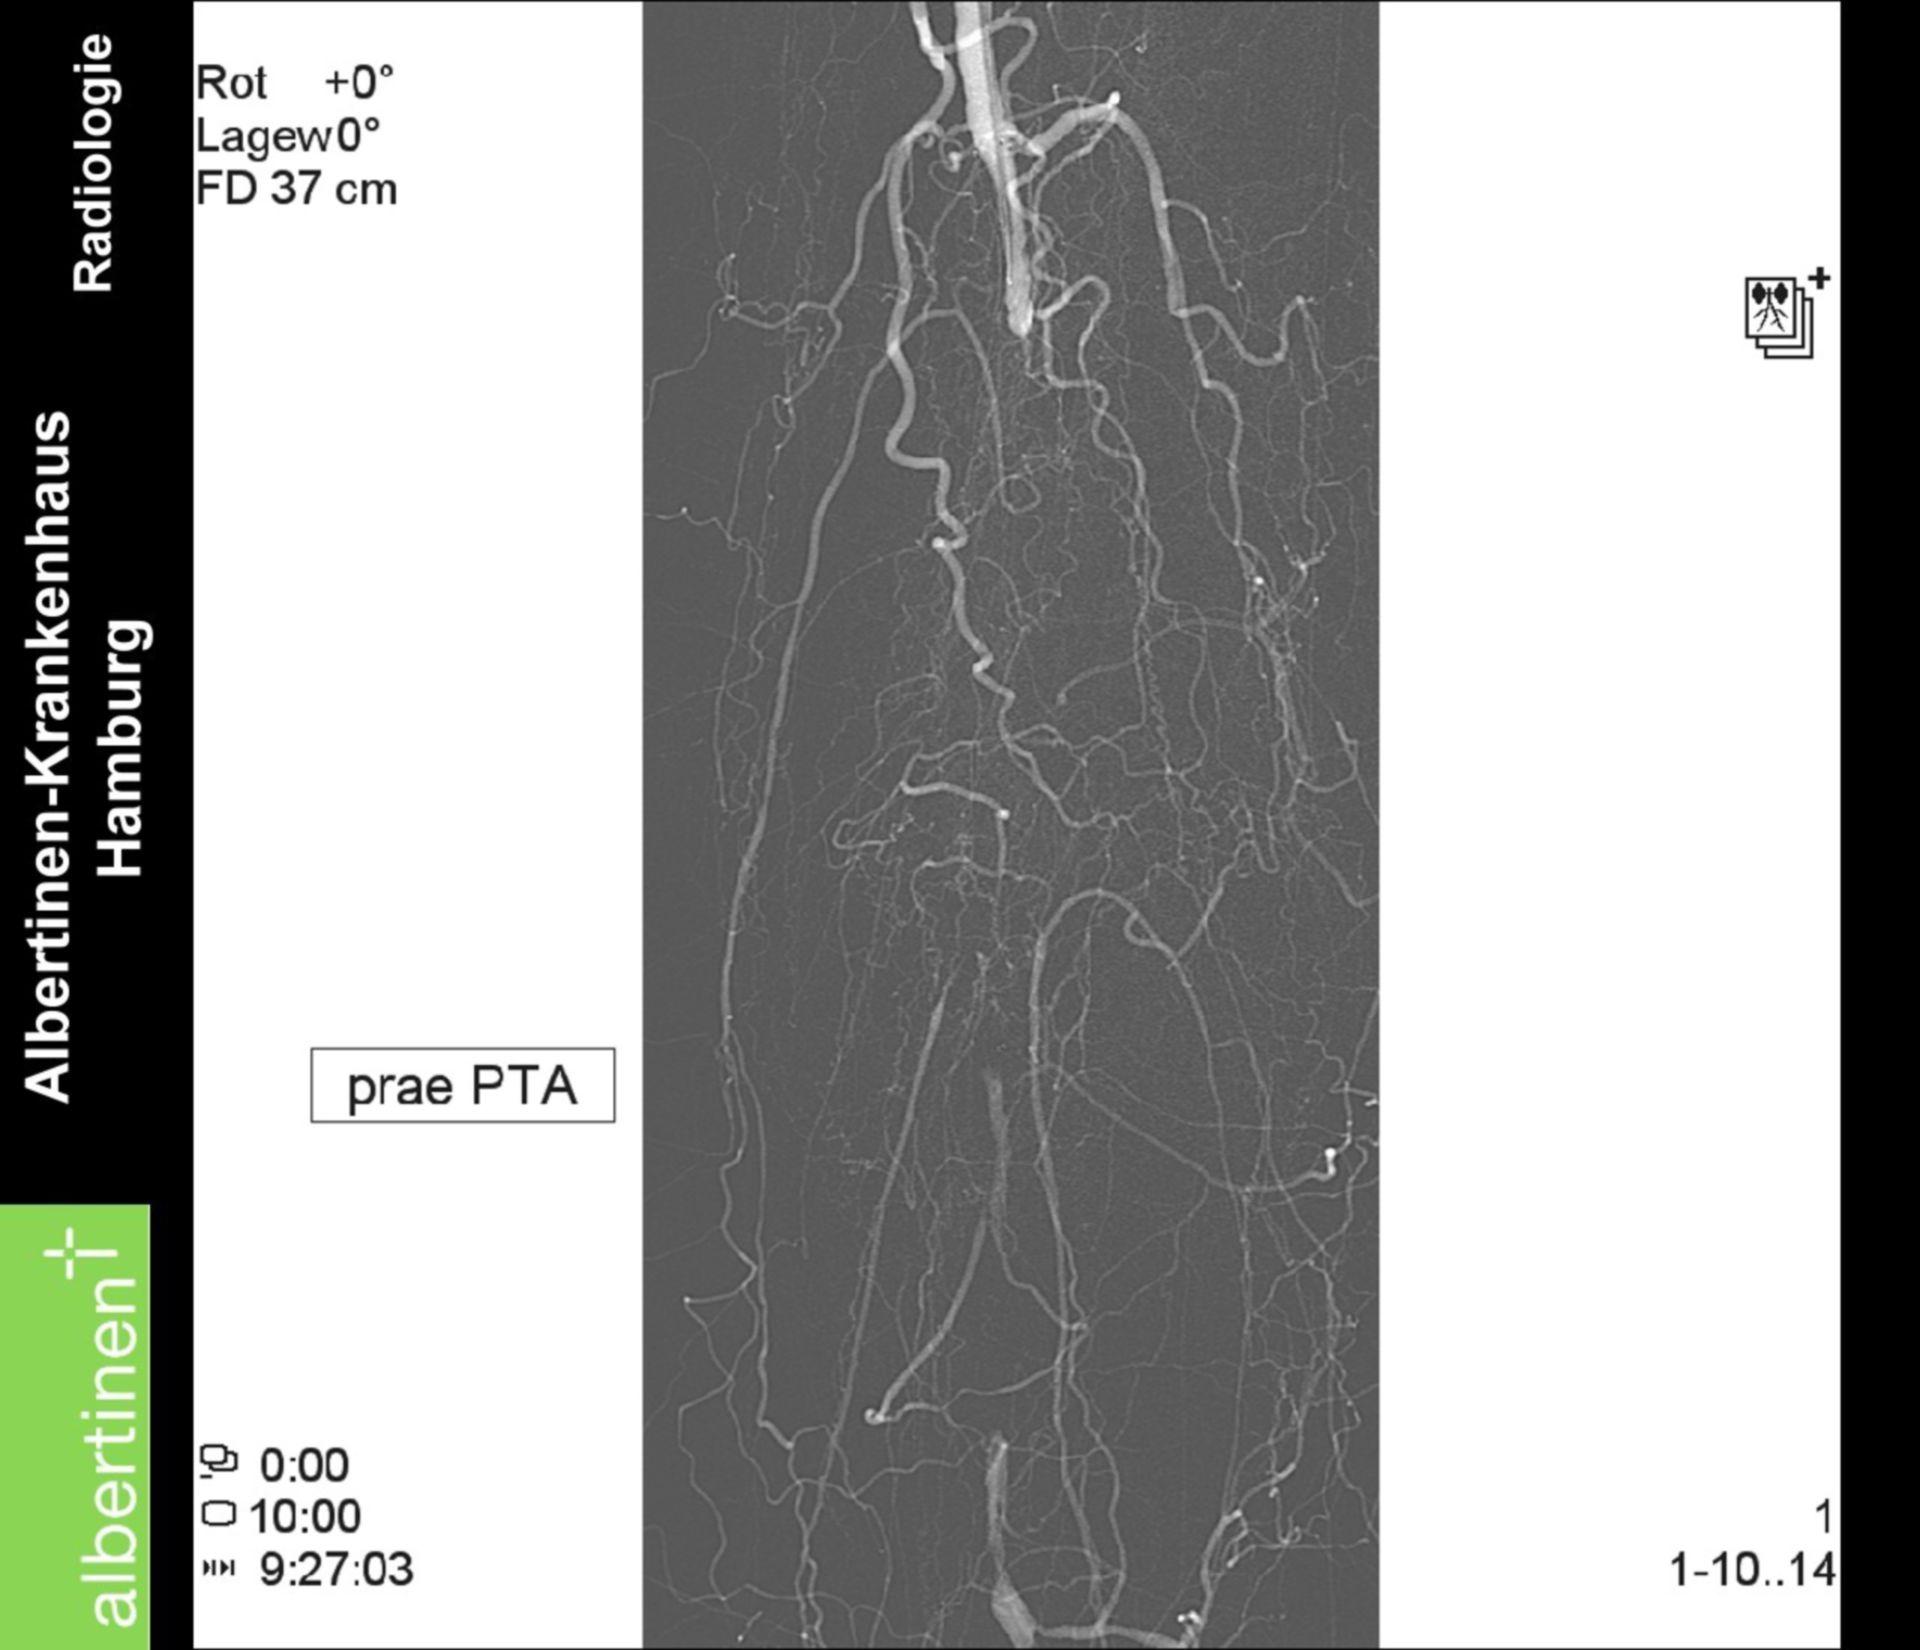 Occlusione acuta dell'arteria poplitea prima del PTA